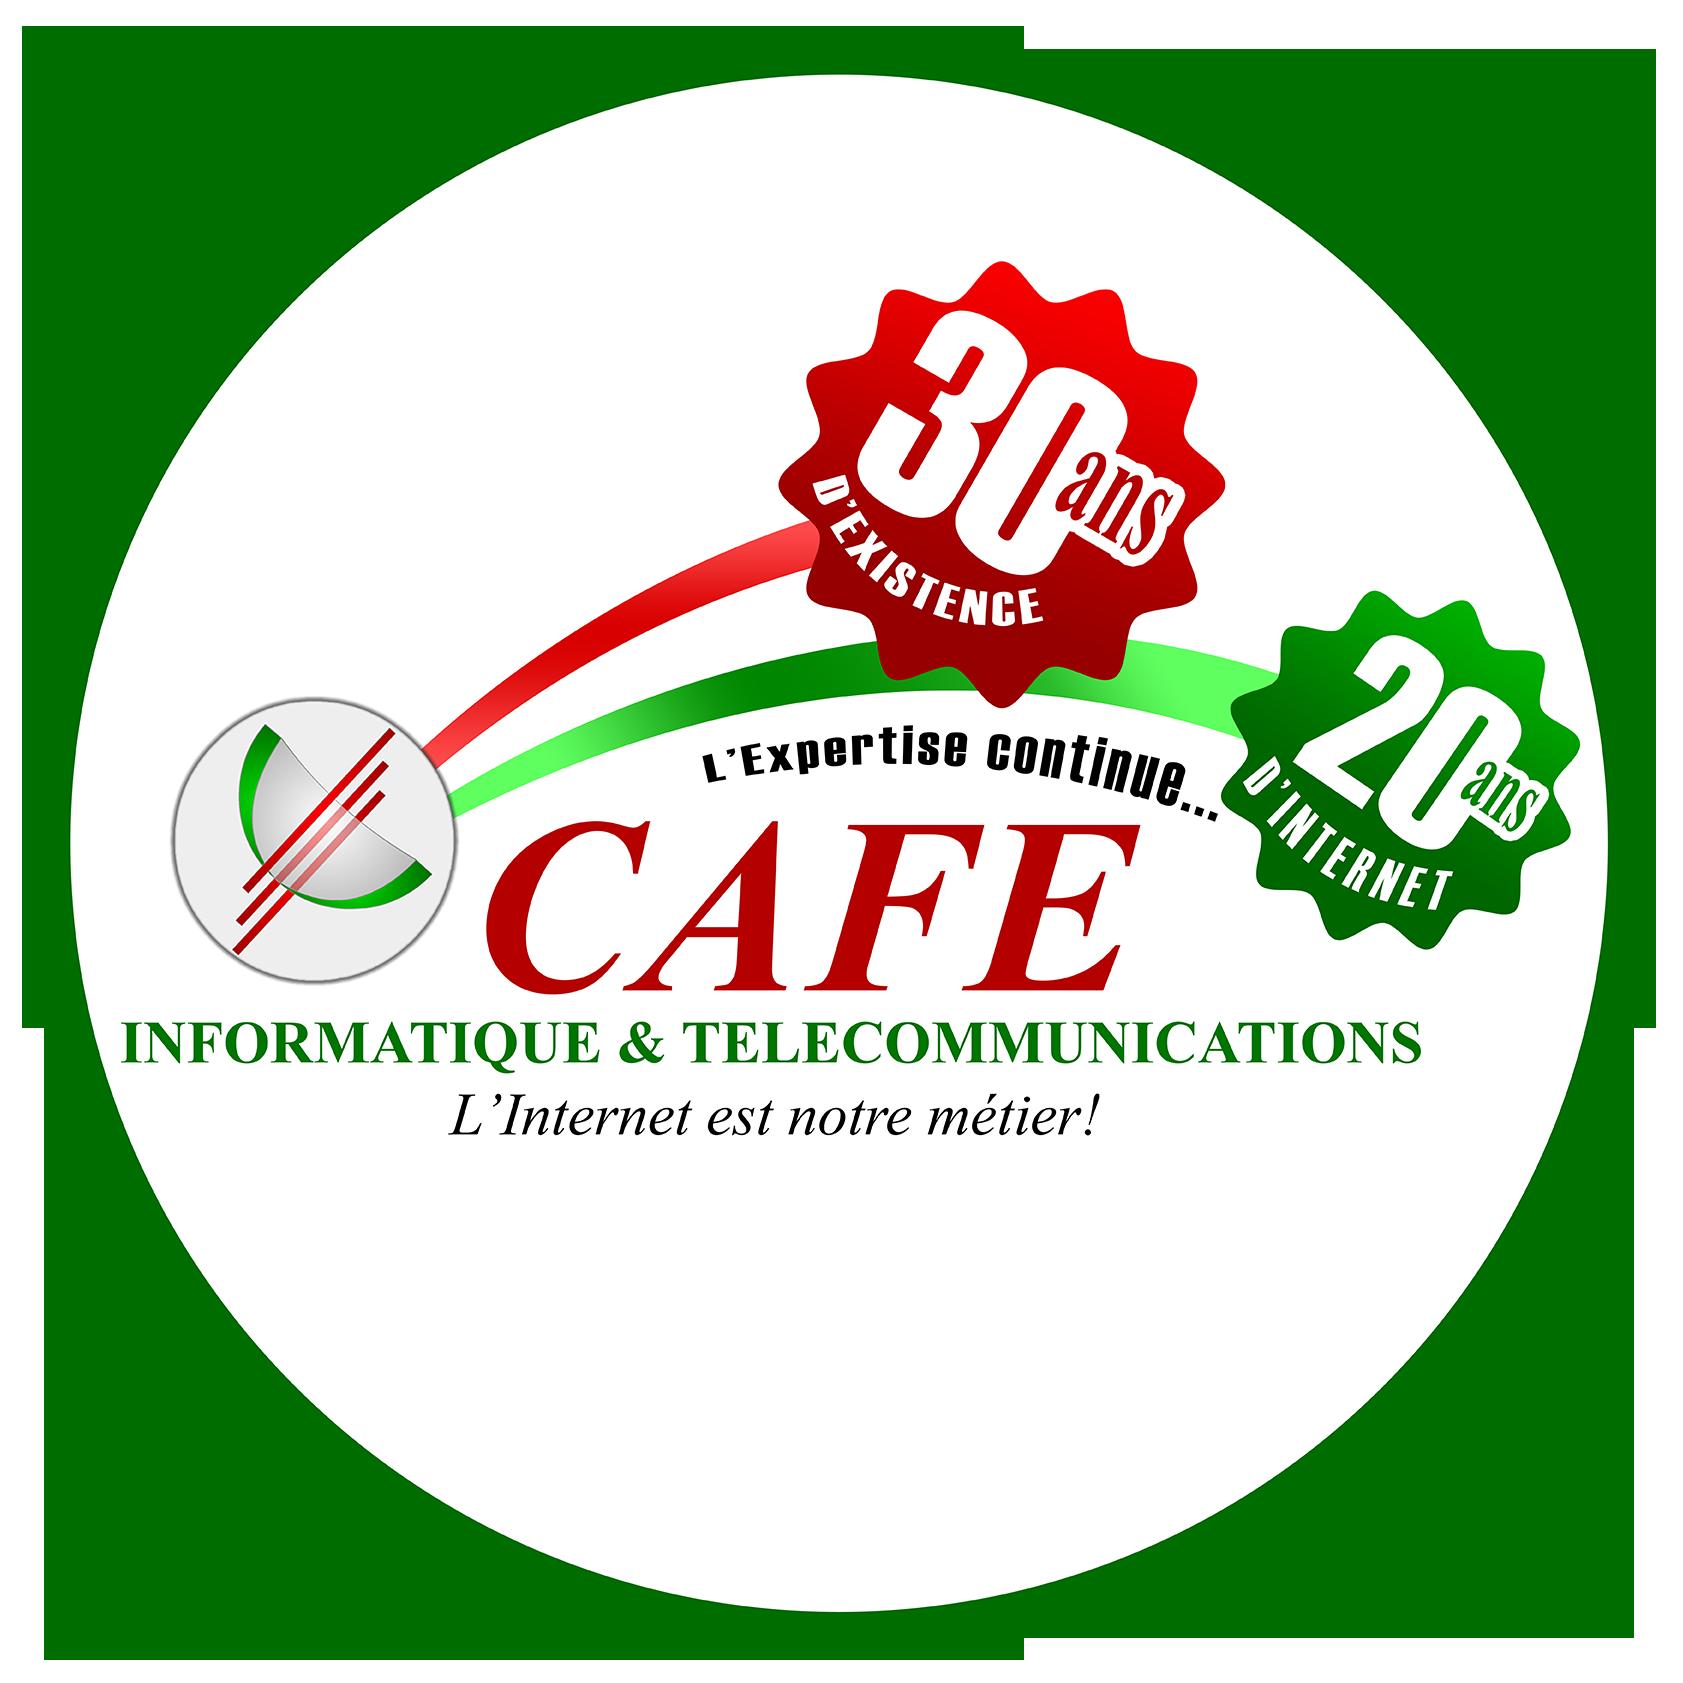 lgcafe2 logo